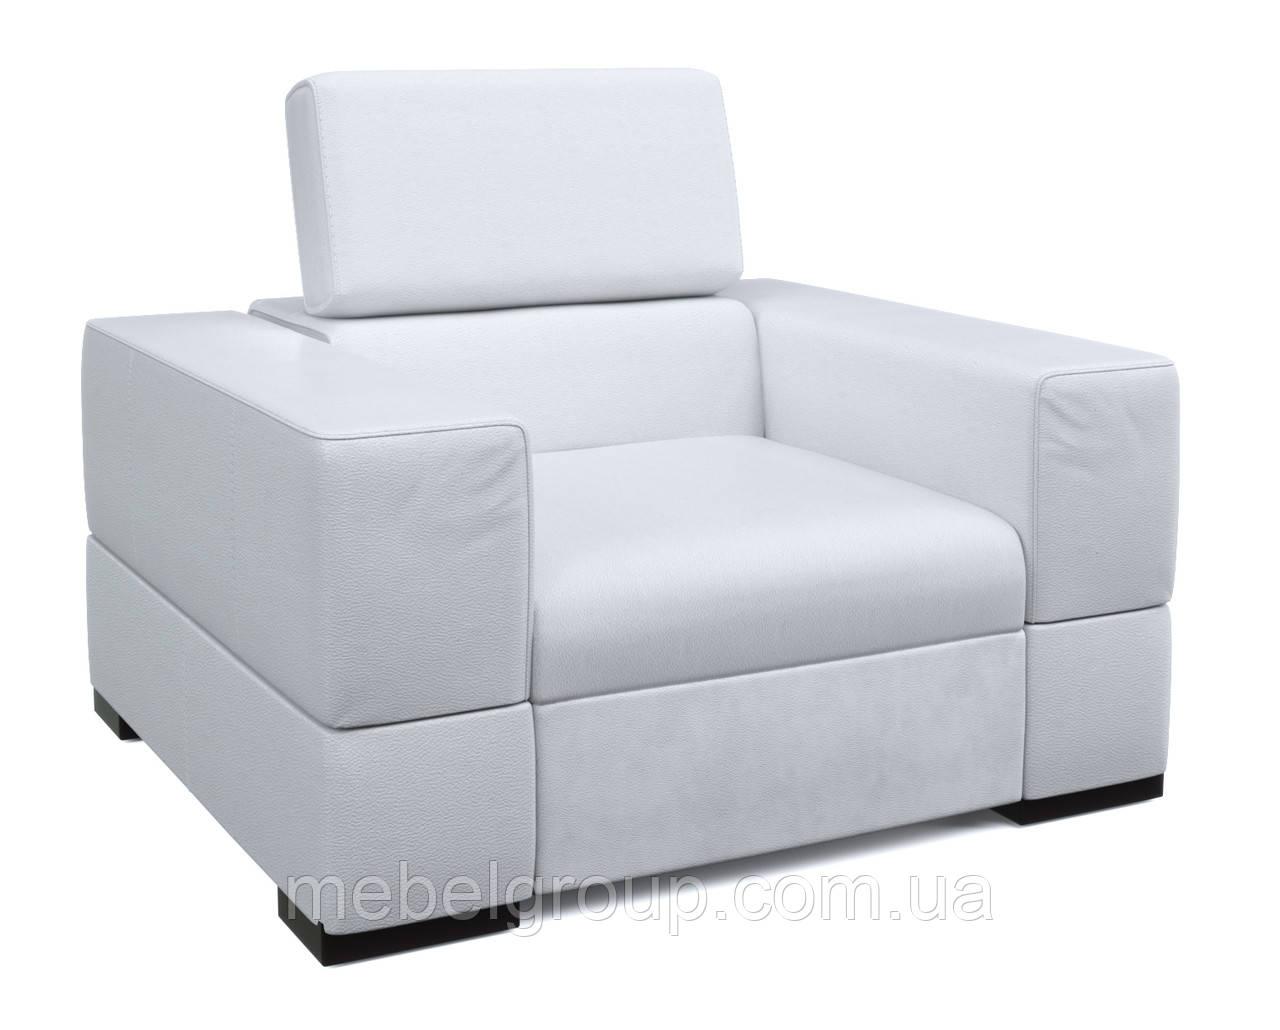 Кресло Статус 115*103 см.